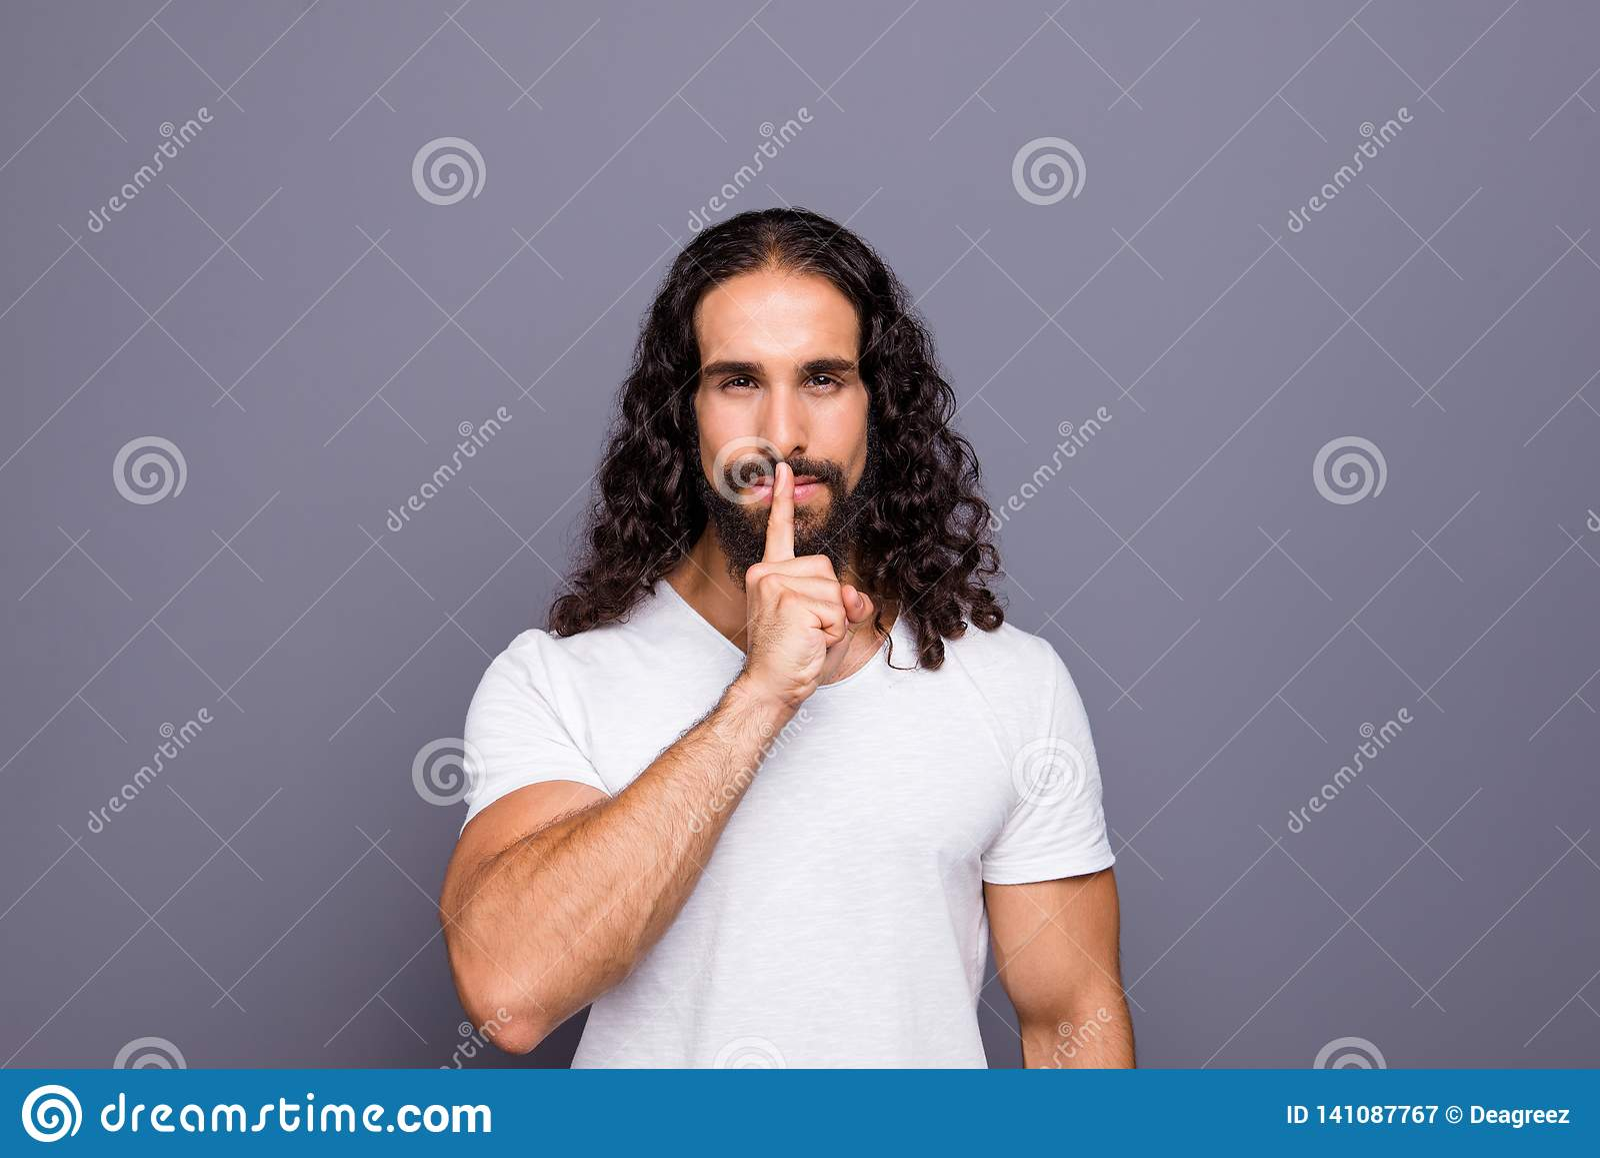 Retrato do seu ele indivíduo ondulado-de cabelo ocupado cândido atrativo preparado agradável que mostra shh o símbolo isolado sob